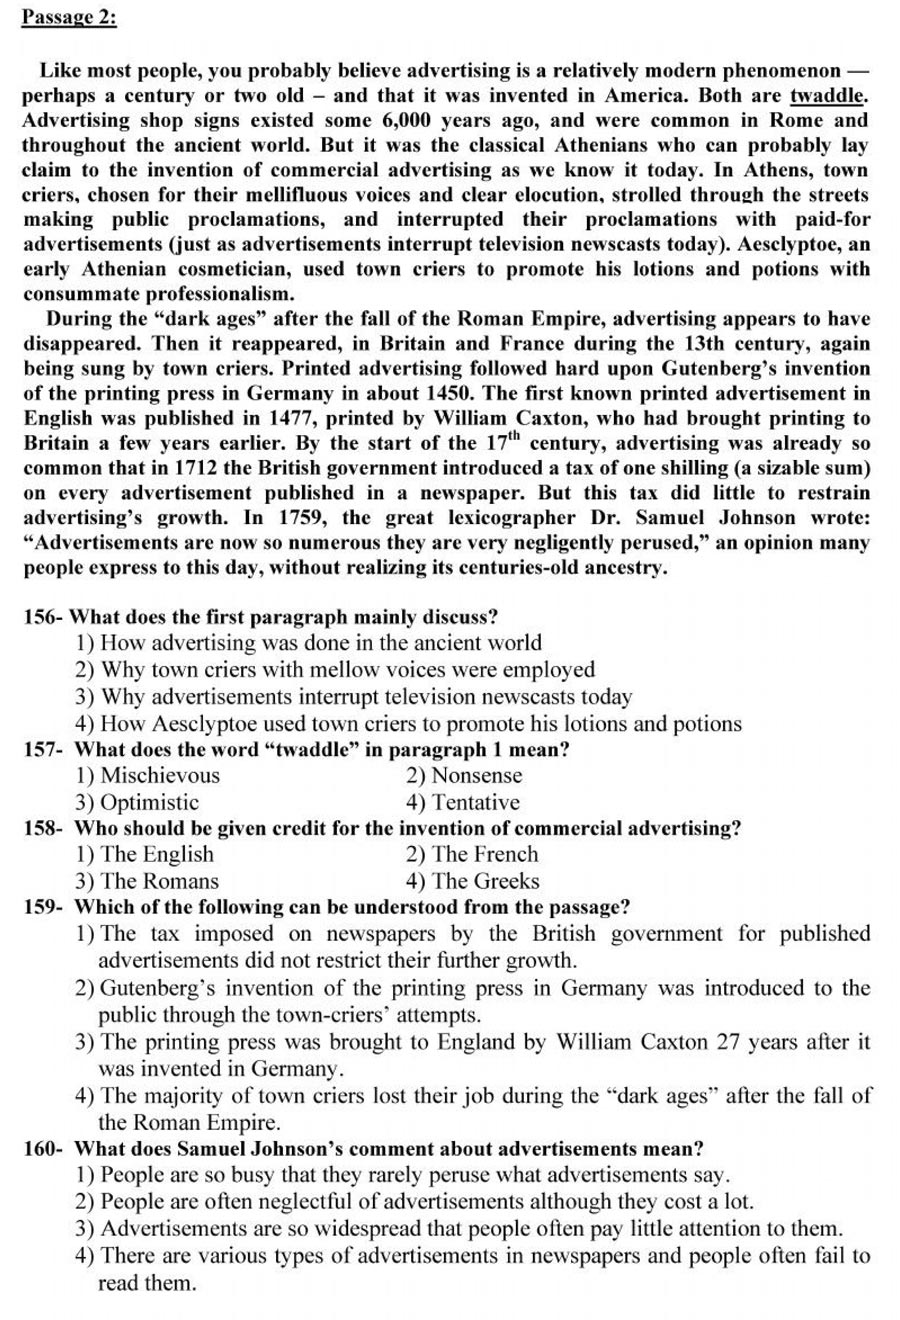 سوالات درک مطلب دکتری 96